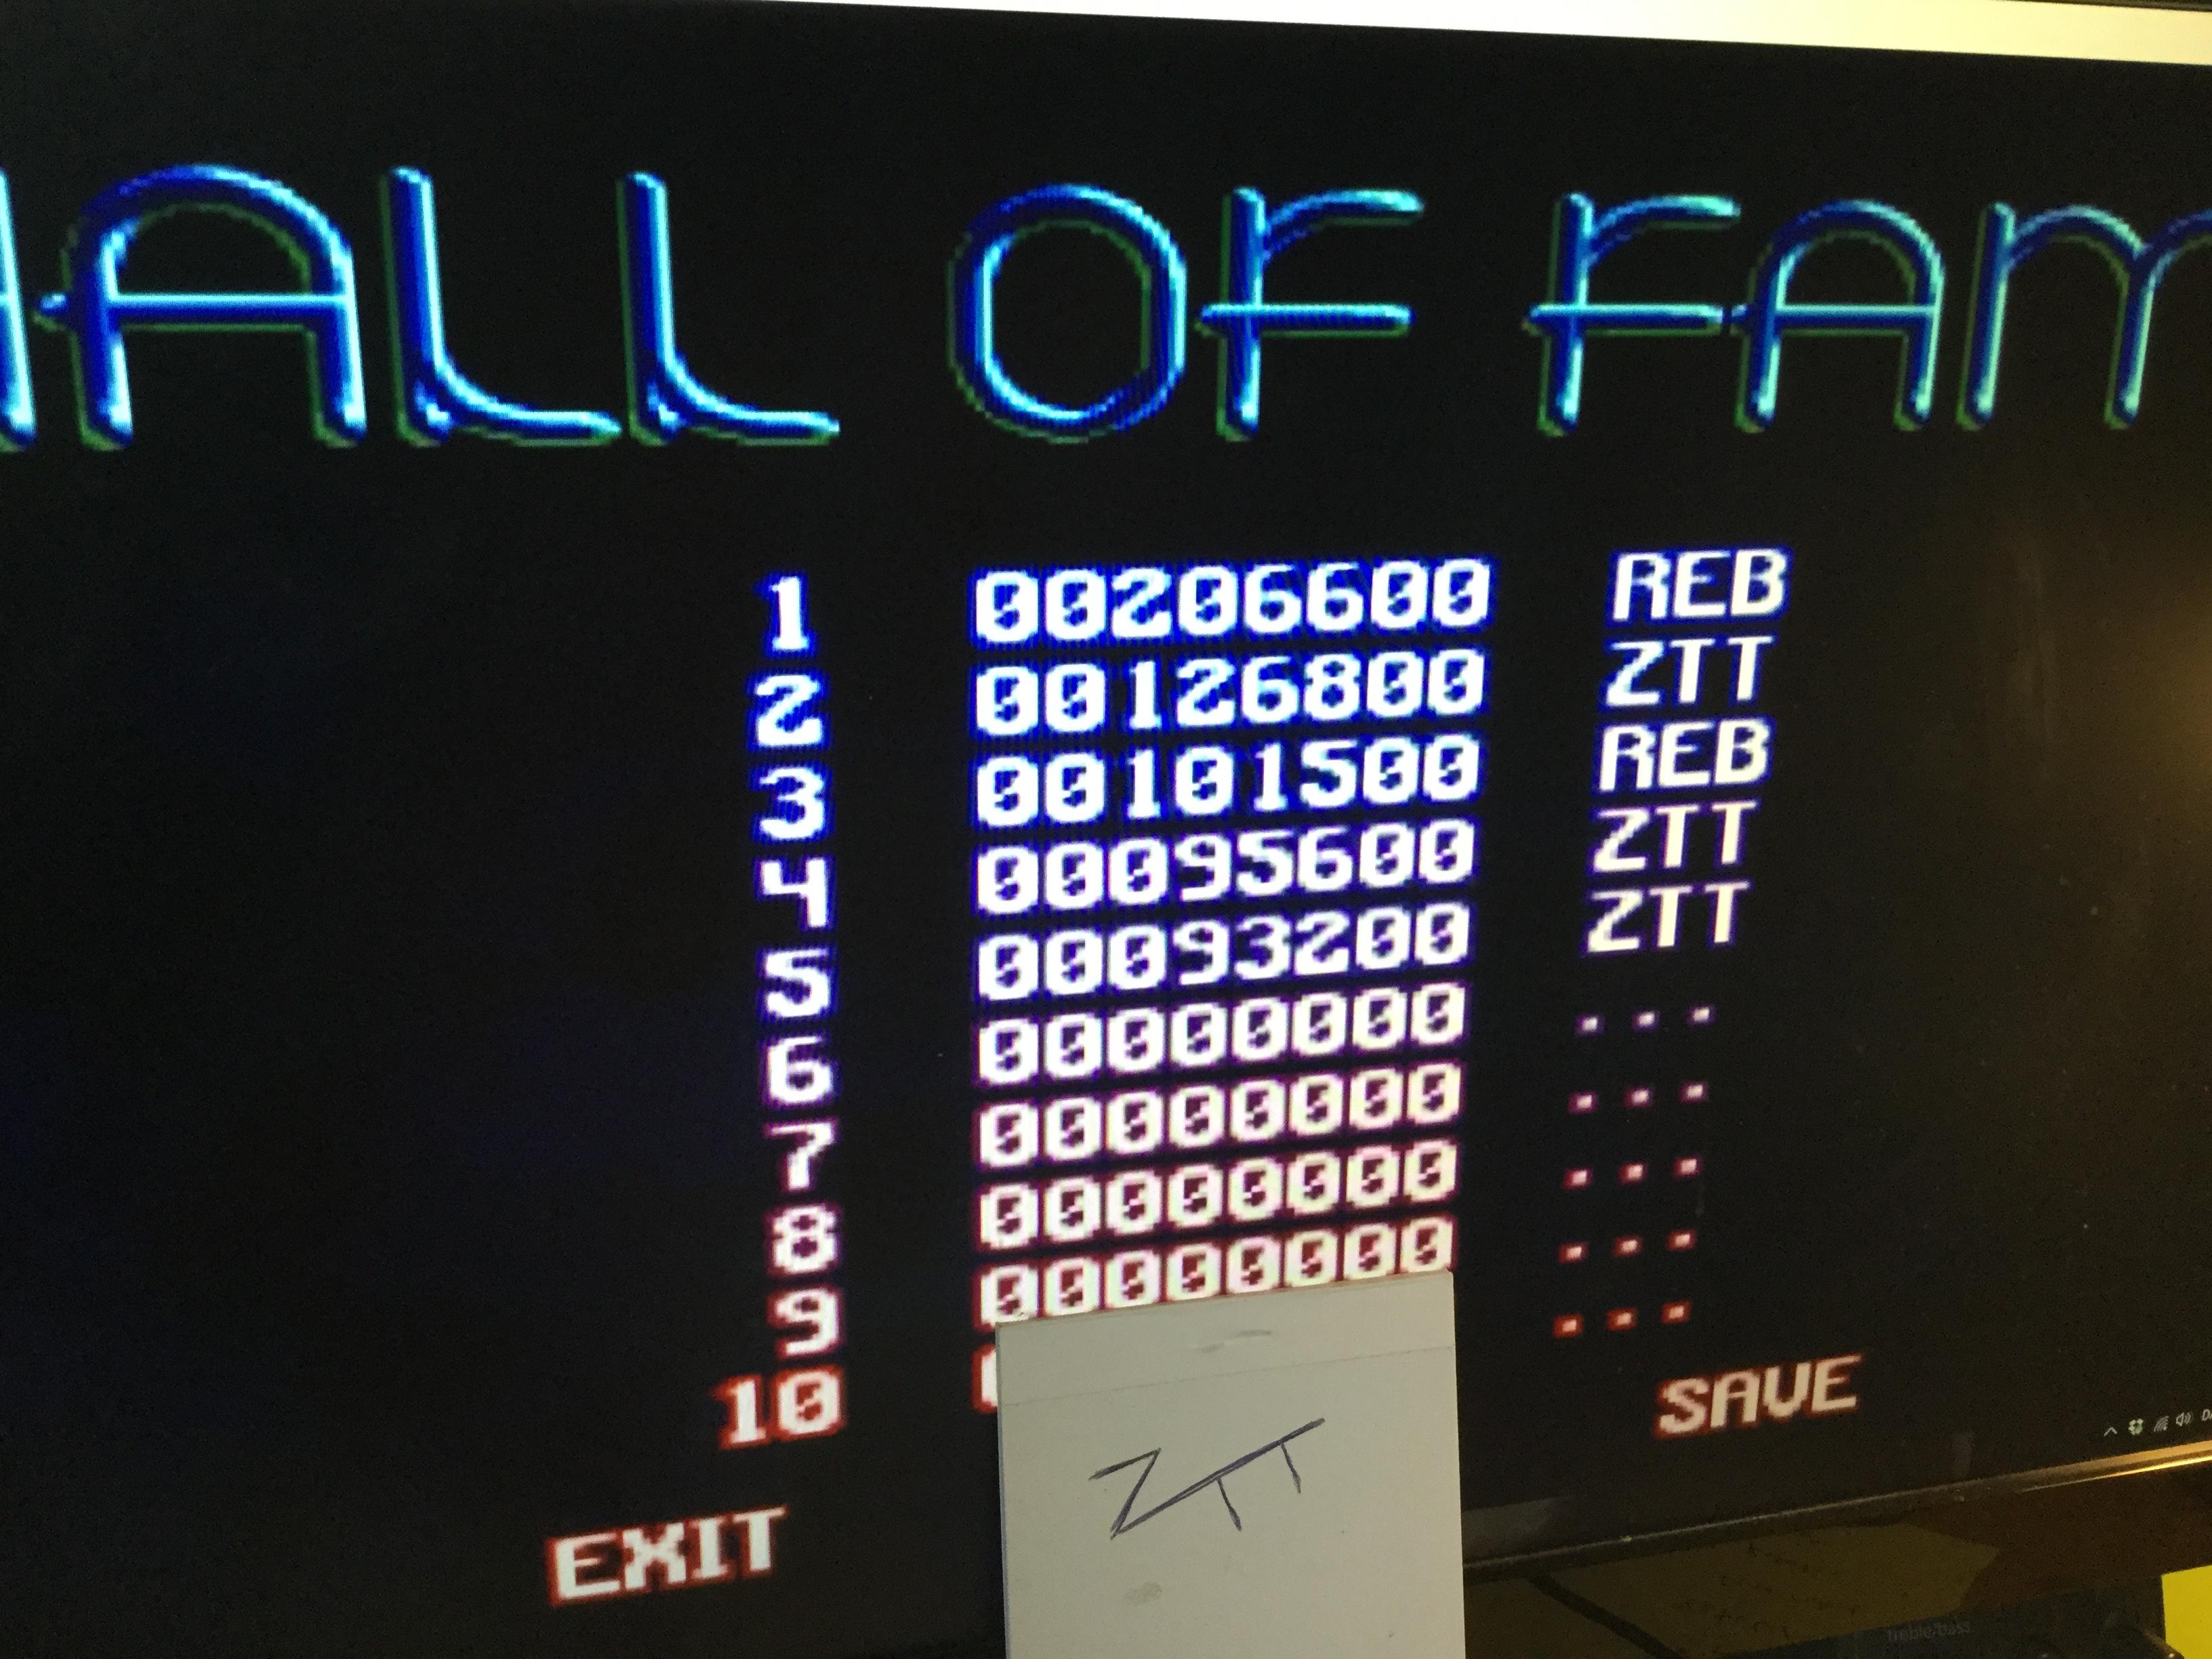 Frankie: Stardust (Amiga Emulated) 126,800 points on 2017-01-07 05:54:18